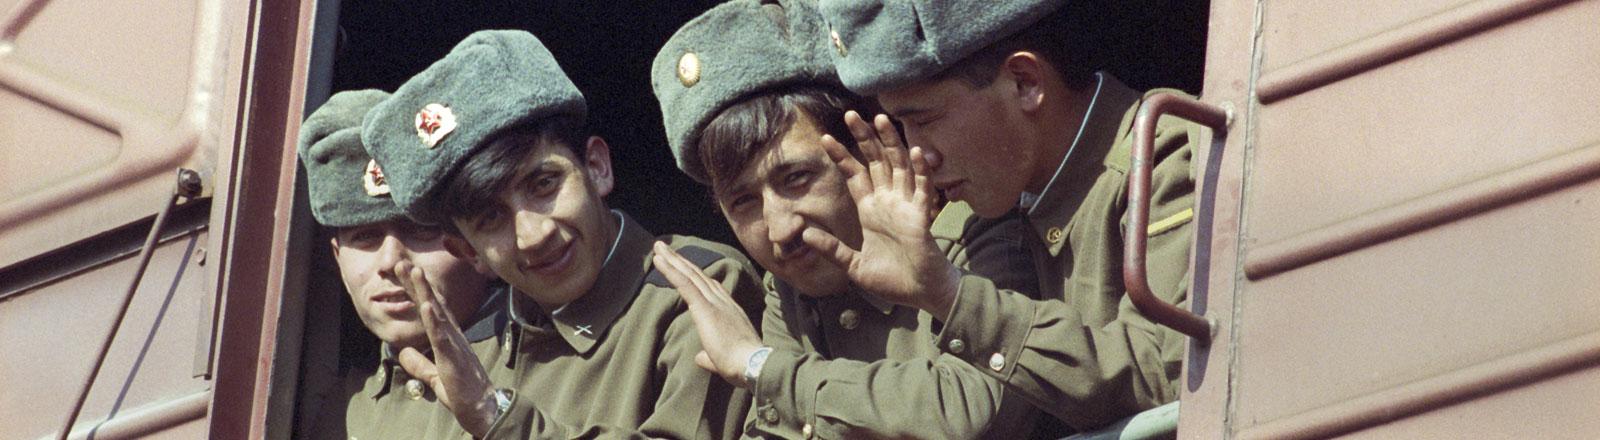 """Doswidanja"""" (Aufwiedersehen) winken die Soldaten der russischen 47. Panzerdivision, die am 06.04.1994 mit einem Güterzug die Reise in die Heimat nach Nishni Nowgorod bei Moskau angetreten hat."""